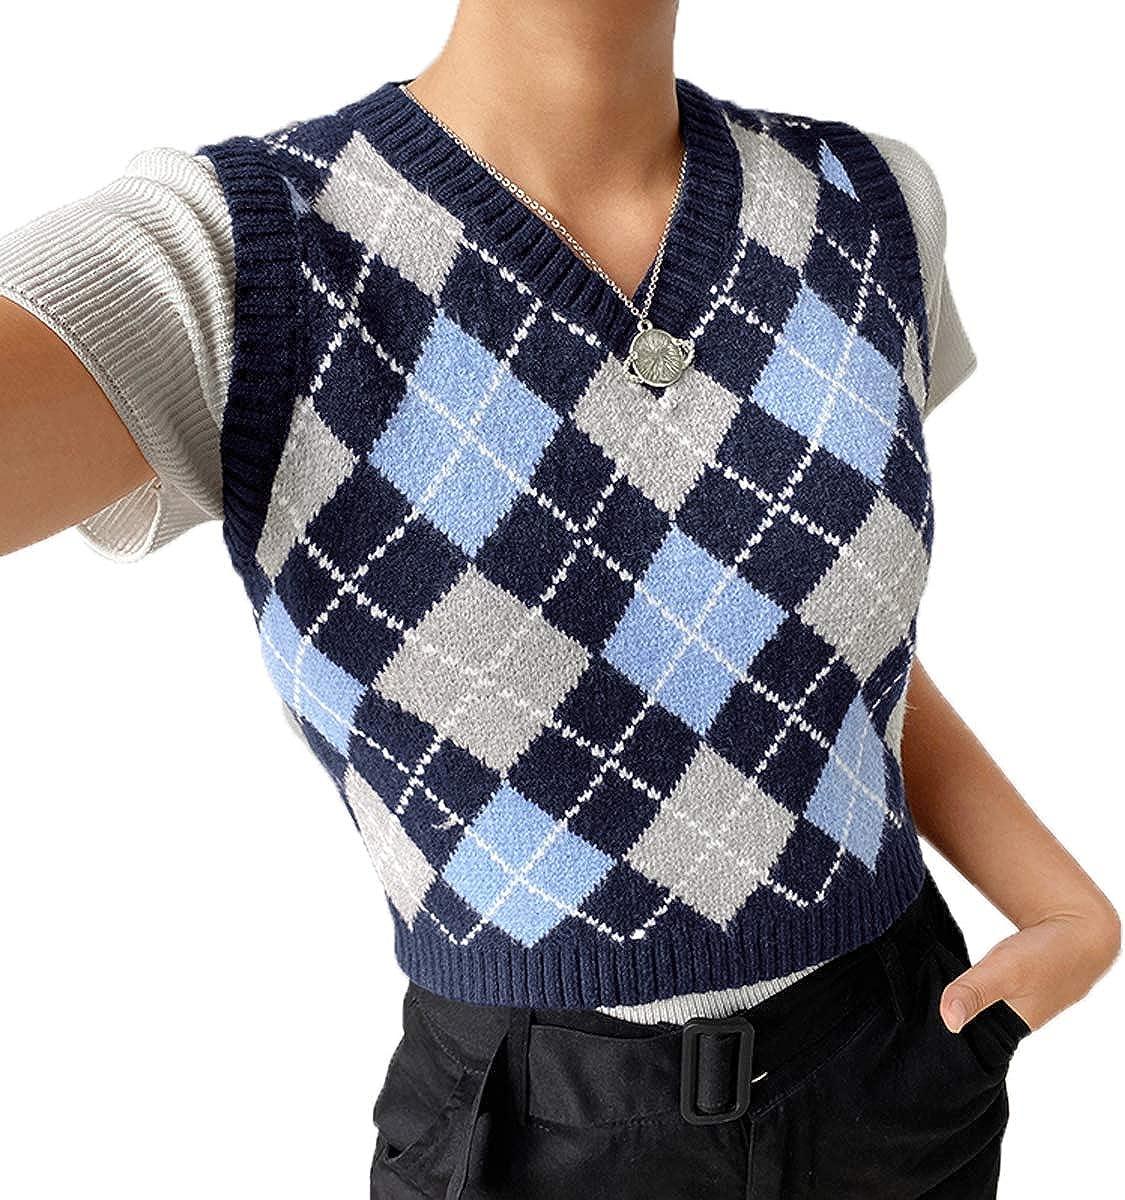 Women Sweater Vest Preppy Style Argyle Plaid Knitwear V Neck Sleeveless Crop Tank Top Streetwear (Blue, M)